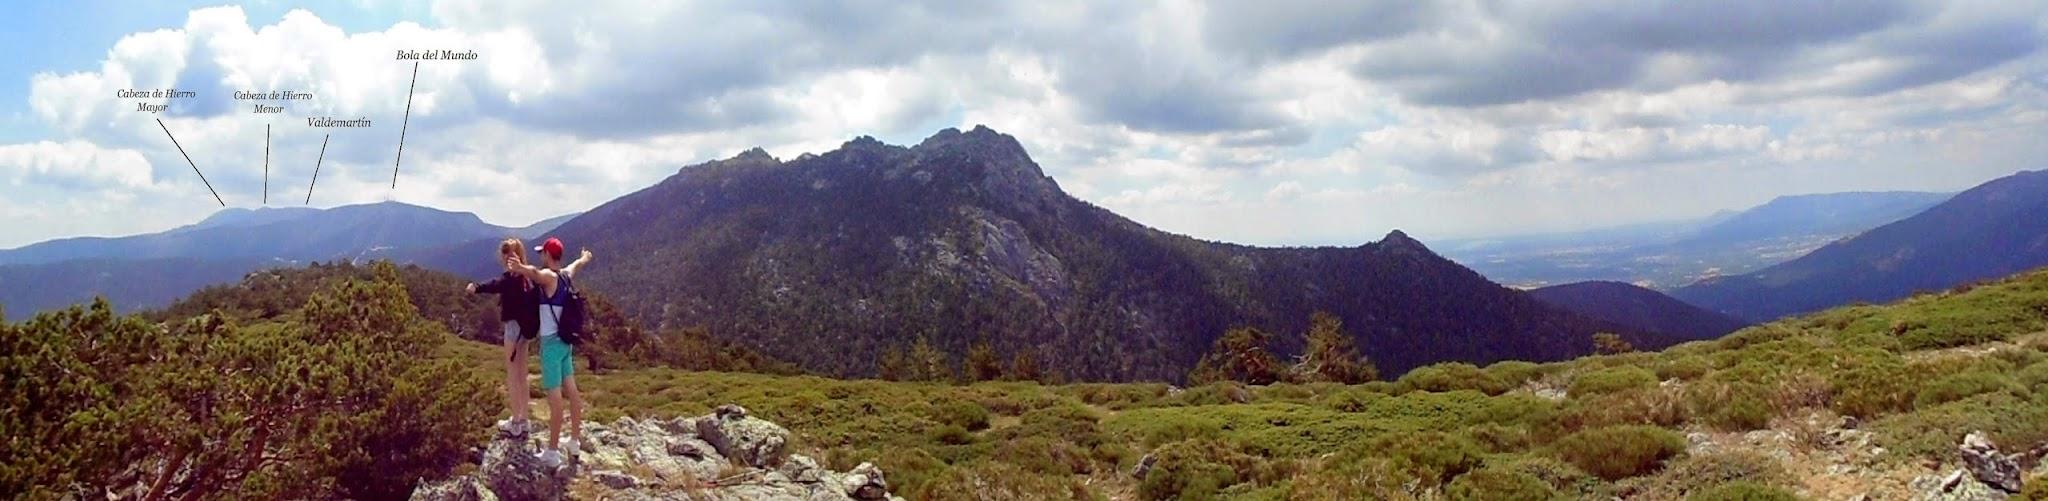 Cerro Ventoso, Fuenfría